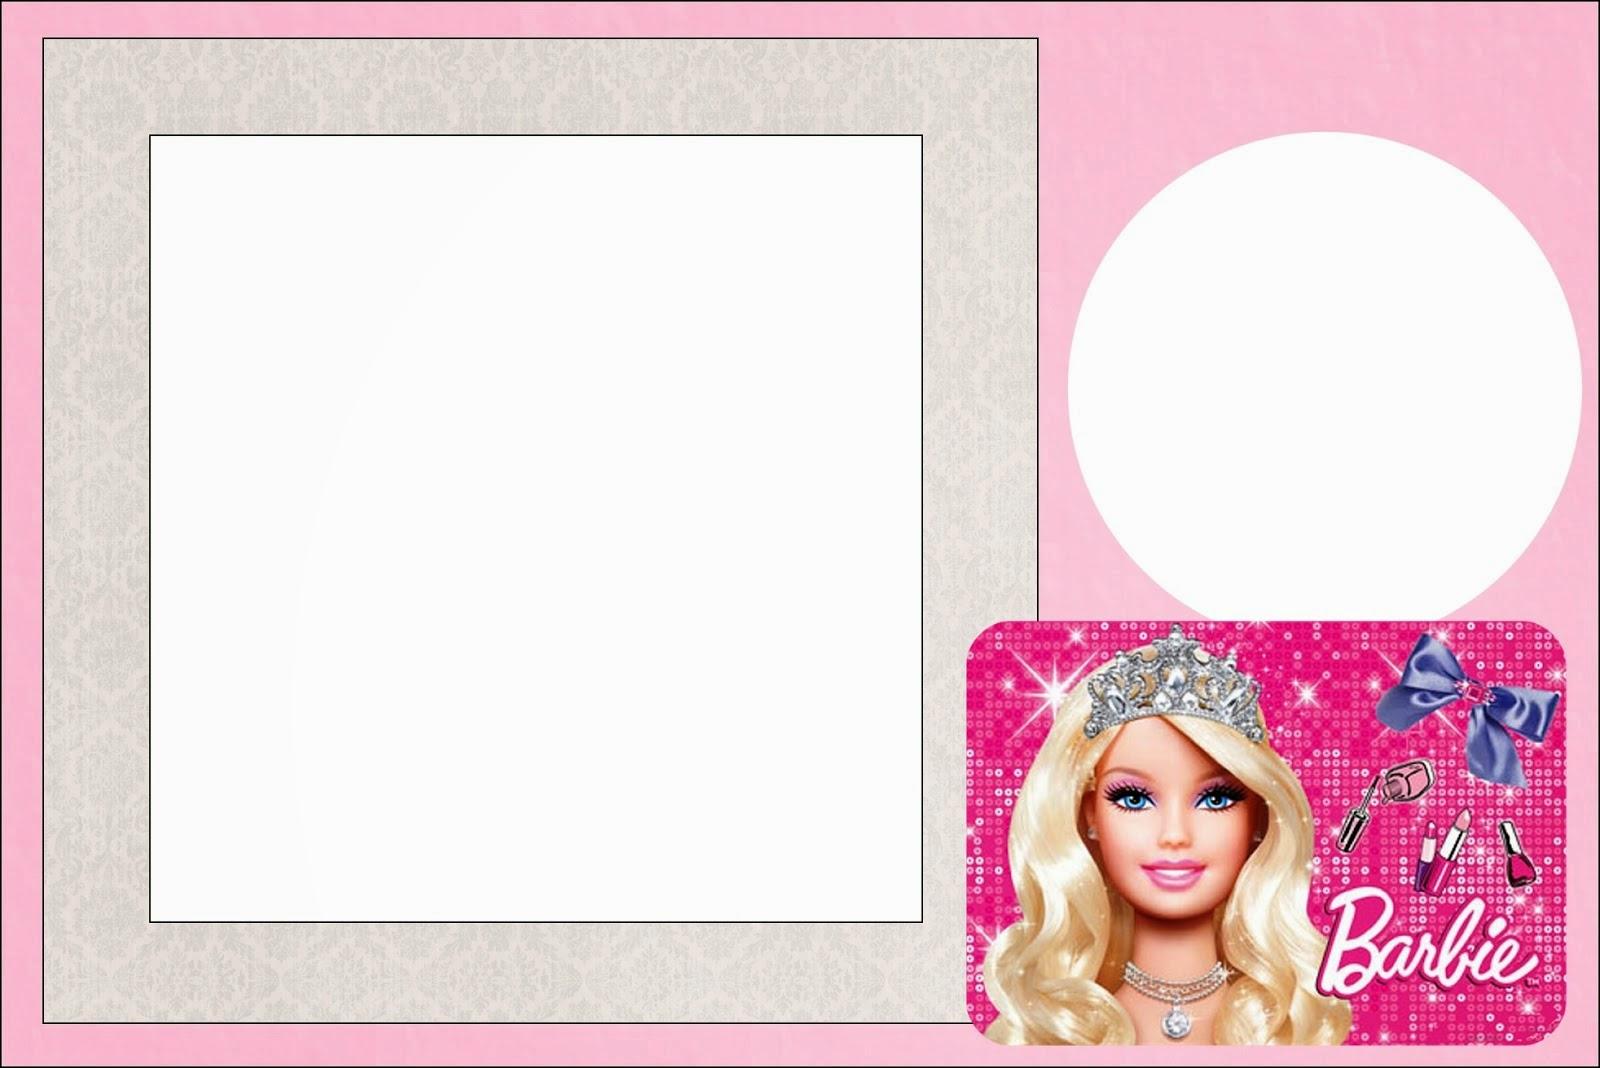 Free printable barbie invitations chatterzoom barbie birthday invitation templates jpg filmwisefo Gallery